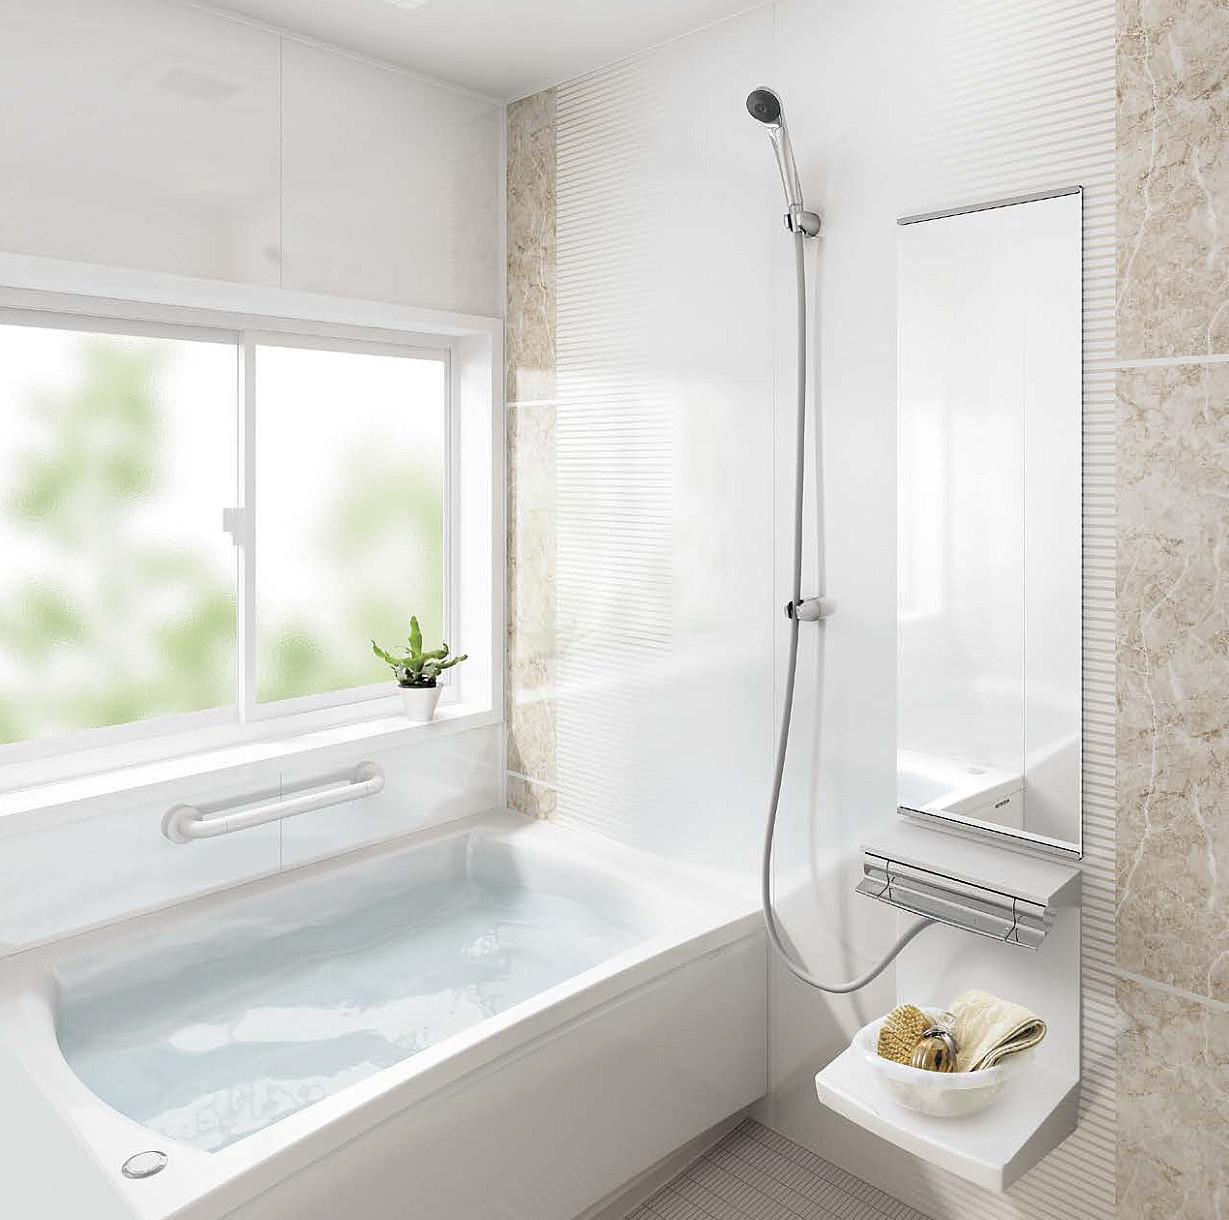 タカラスタンダードの清掃性や耐久性に優れたユニットバス(お風呂